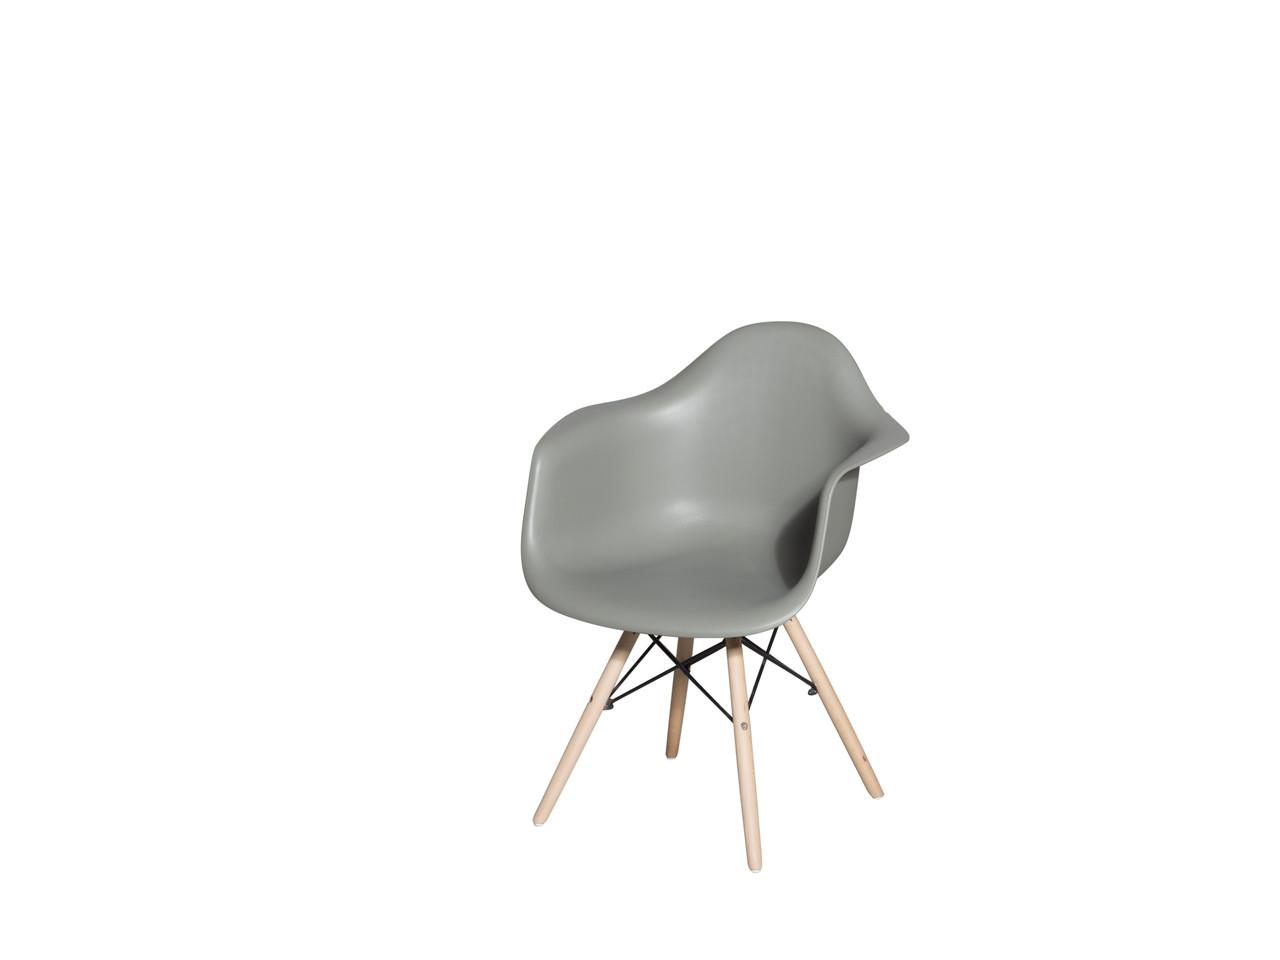 Пластиковое кресло DS-928 Mondi (Монди) Kashtan серый с ножками из бука